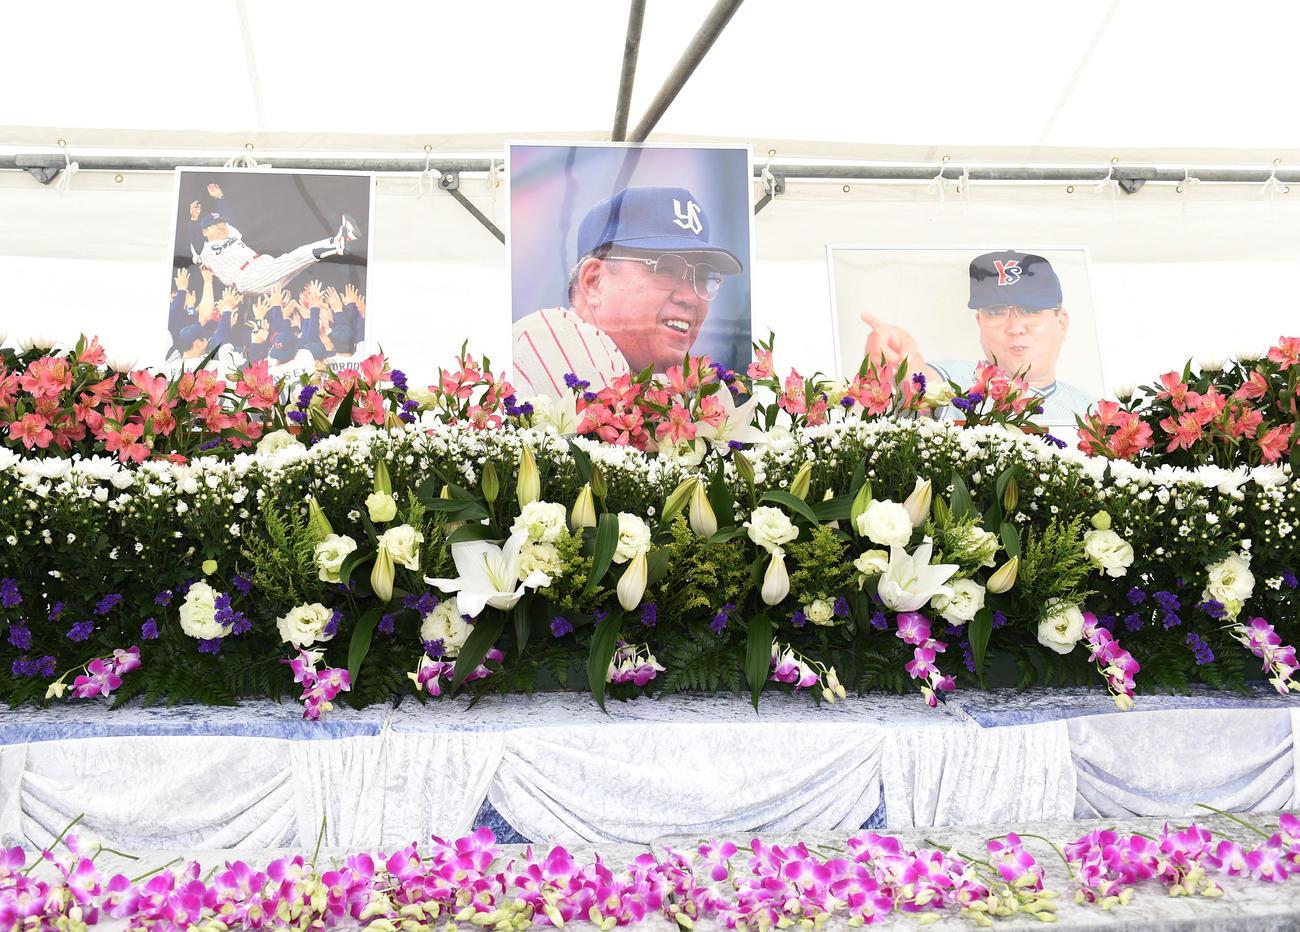 野村克也さんをしのび設置された献花台(撮影・横山健太)